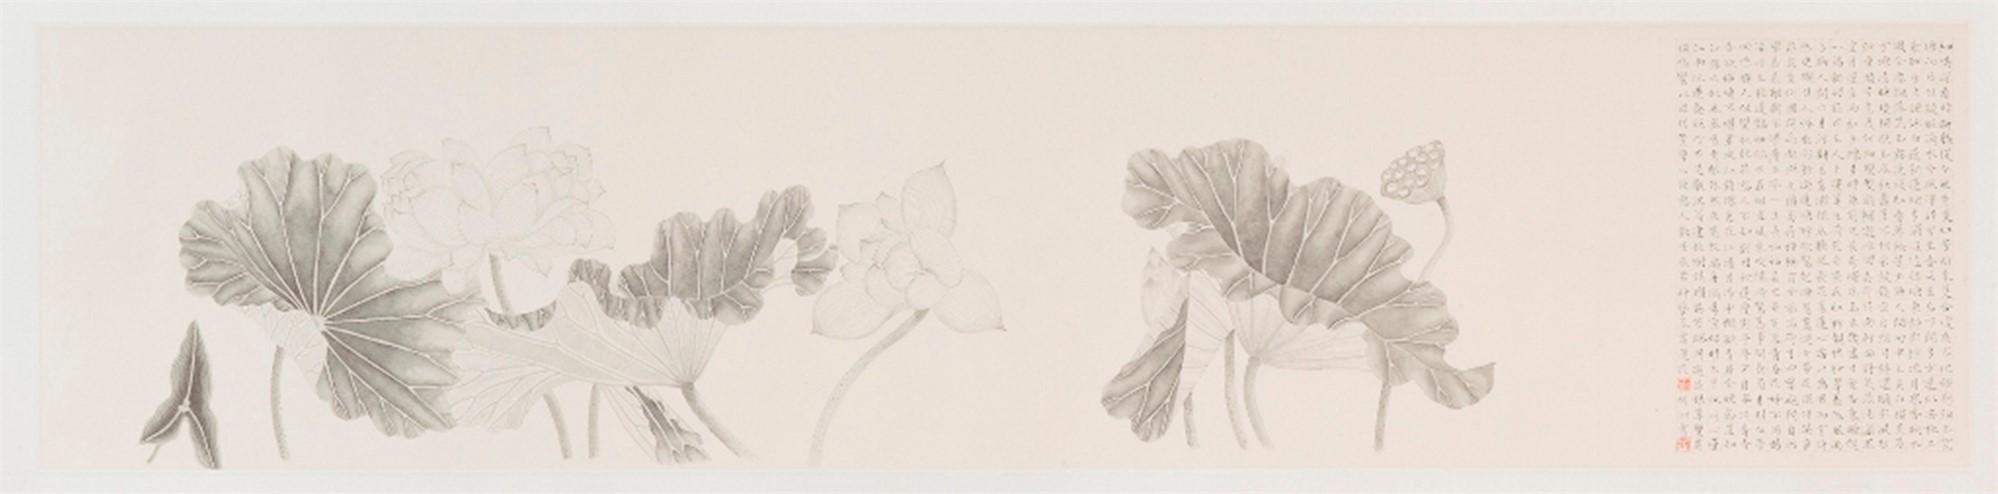 LOTUSES by Yirong Zhang